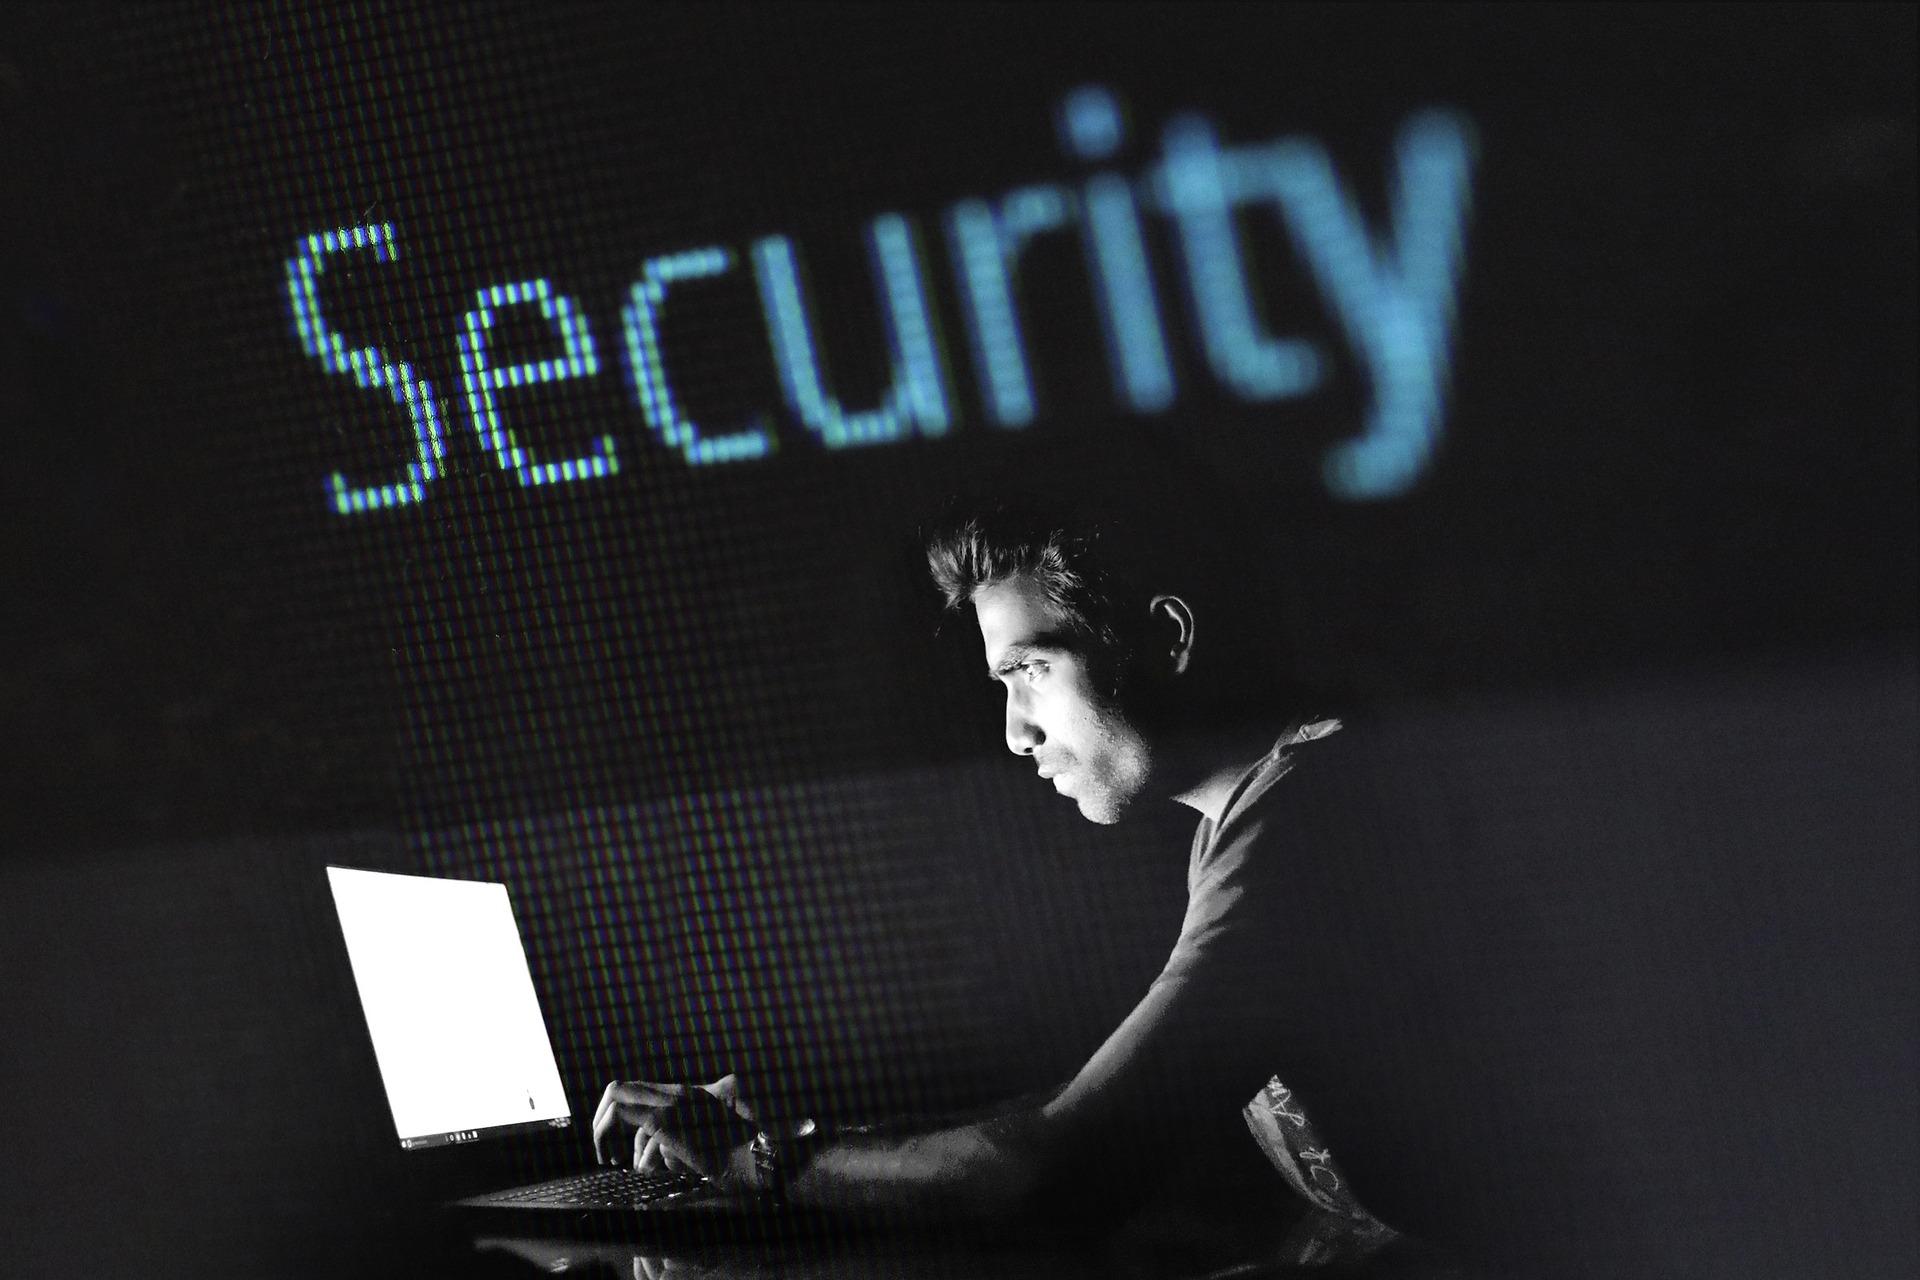 bescherming tegen phishing